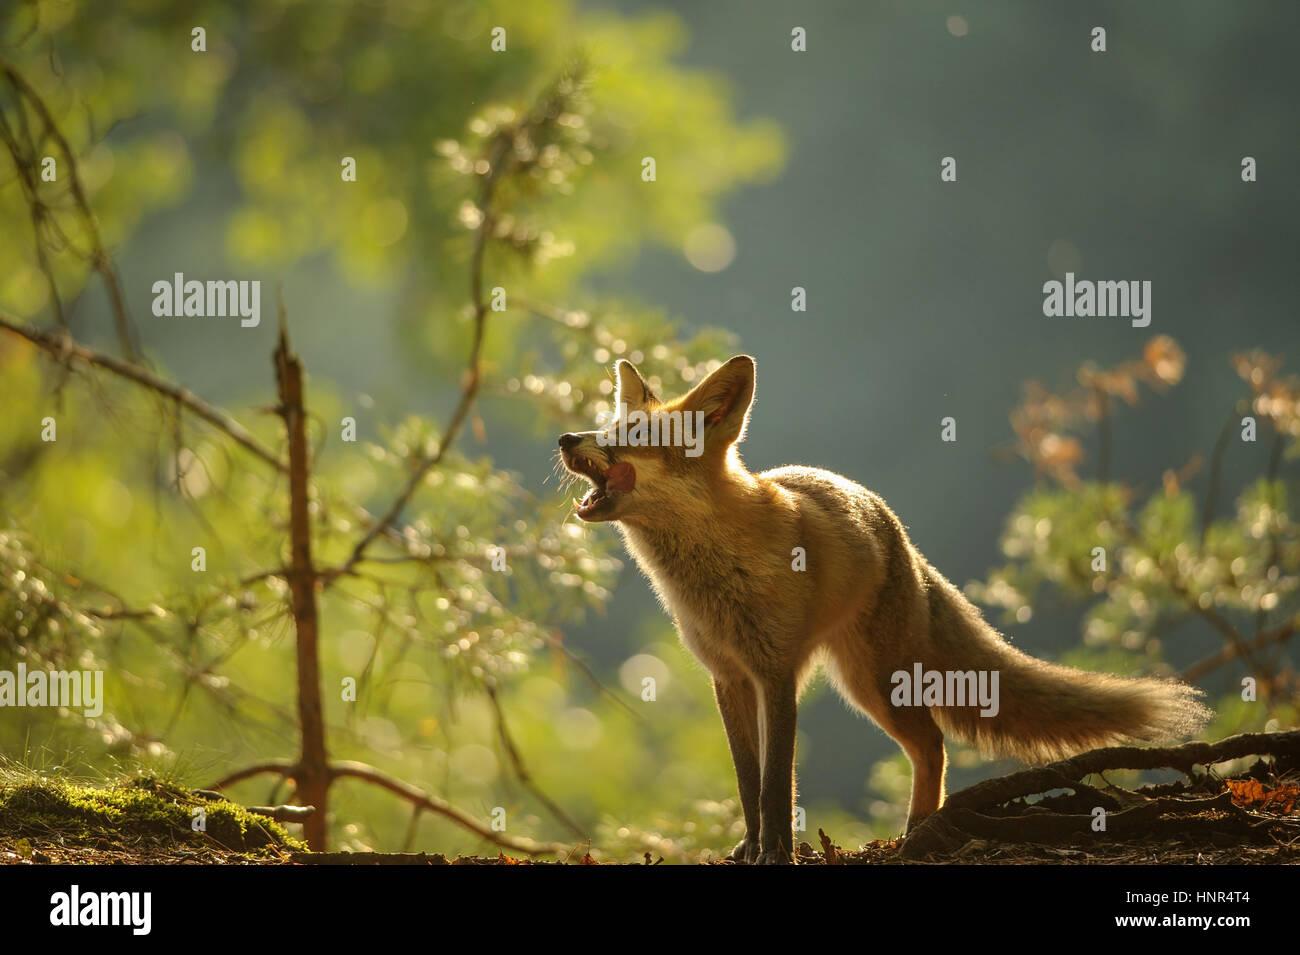 Red Fox leccherà self nella foresta di bellezza backllight autunno Immagini Stock